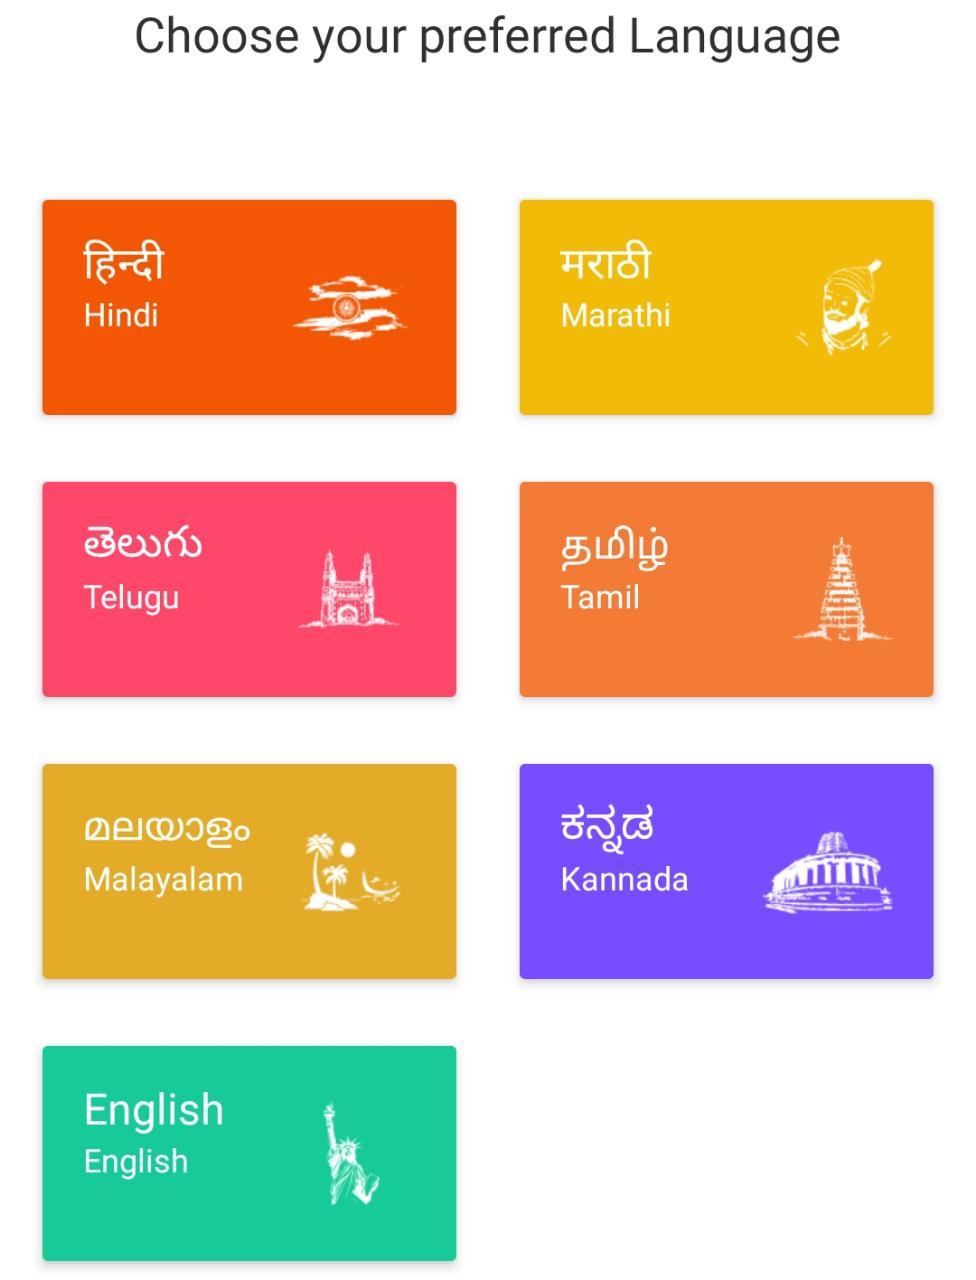 RozDhan App से पैसे कैसे कमाए Rozdhan app se paise kaise kamaye rozdhan app se paise kaise nikale mobile se paise kaise kamaye rozdhan app real or fake rozdhan app kaise chalaye